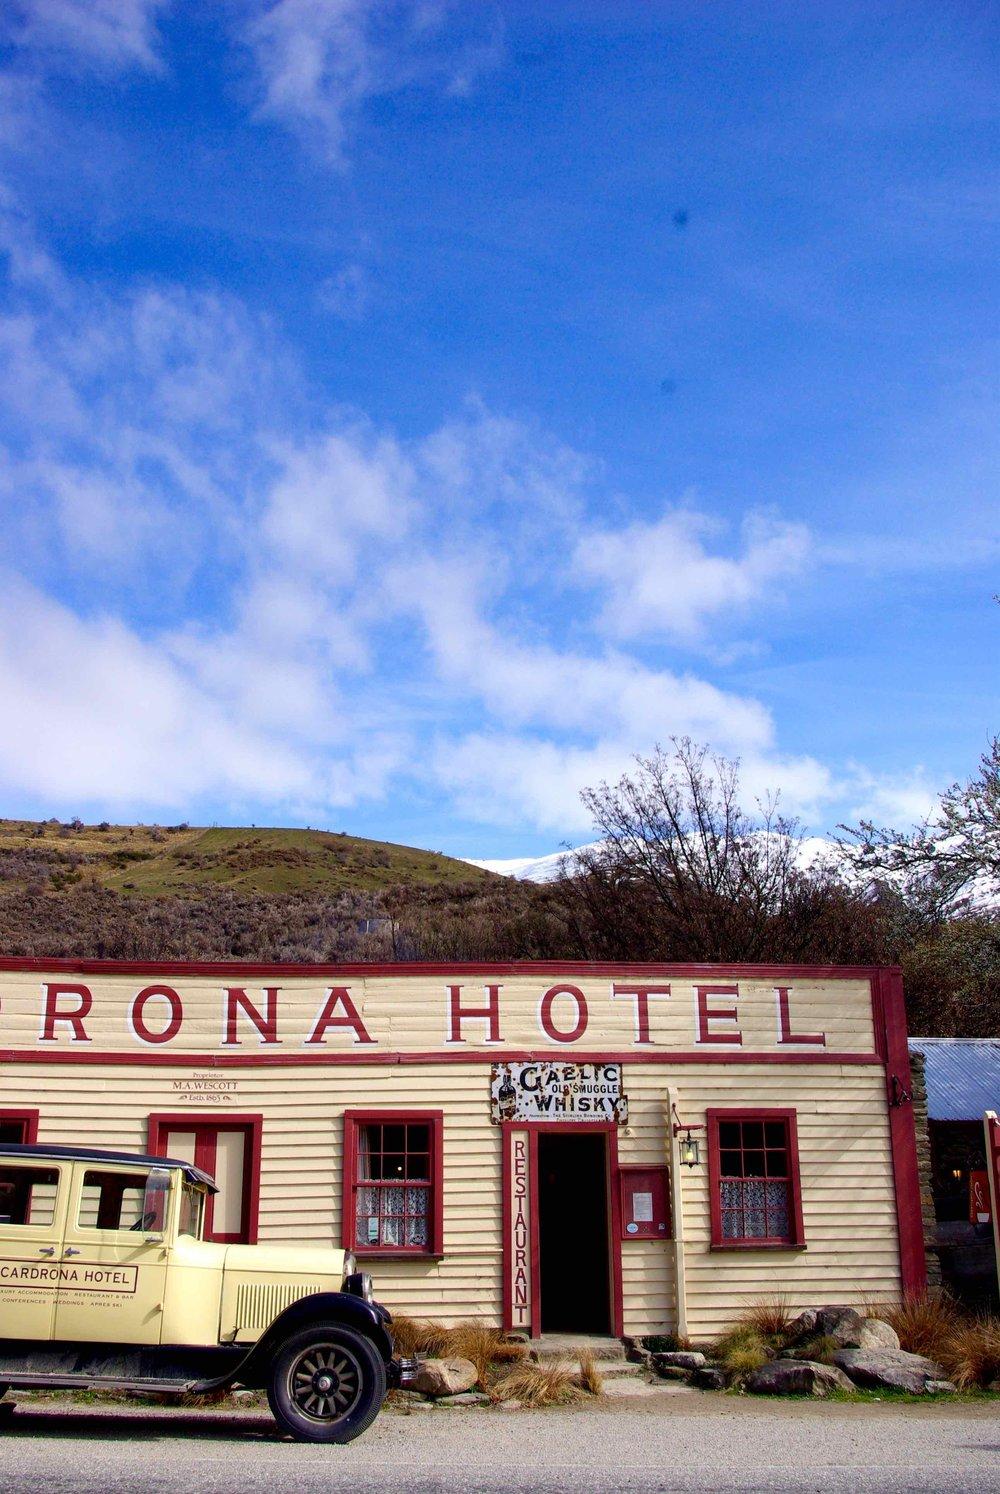 Cardrona Hotel, Wanaka, 2009 ©